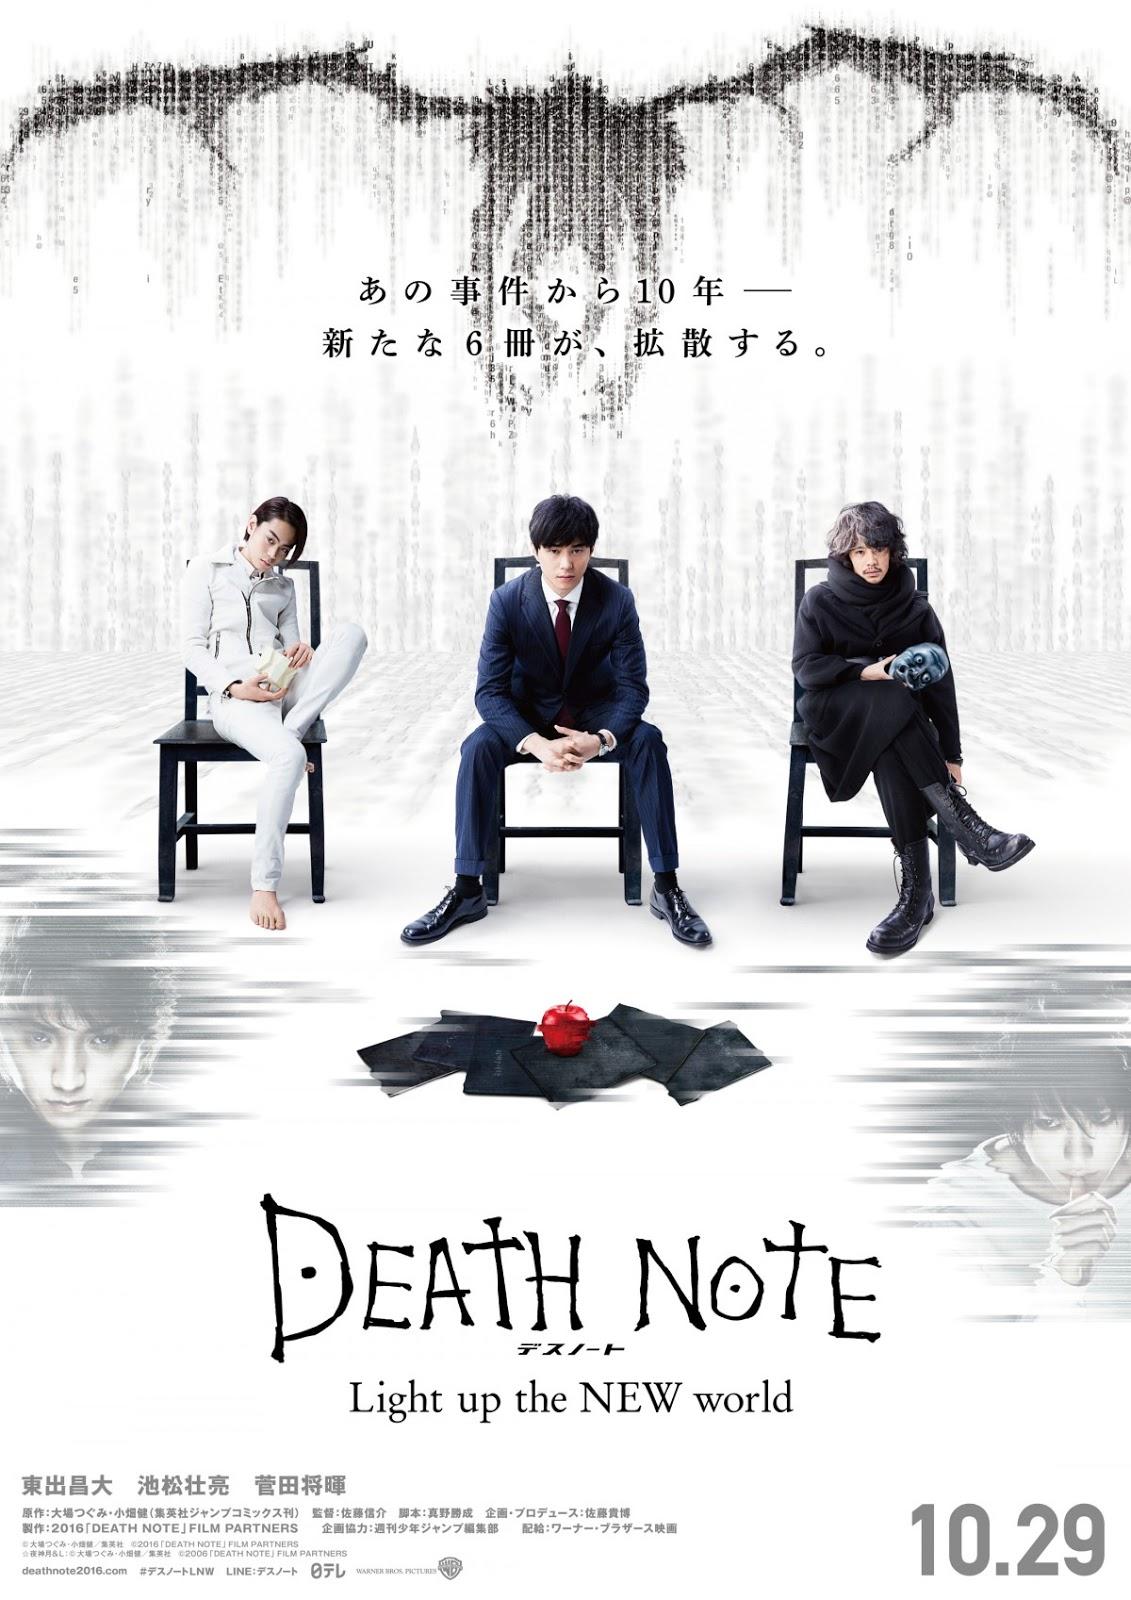 Death Note 2016 เดธโน้ต เวอร์ชั่น 2016 [HD]